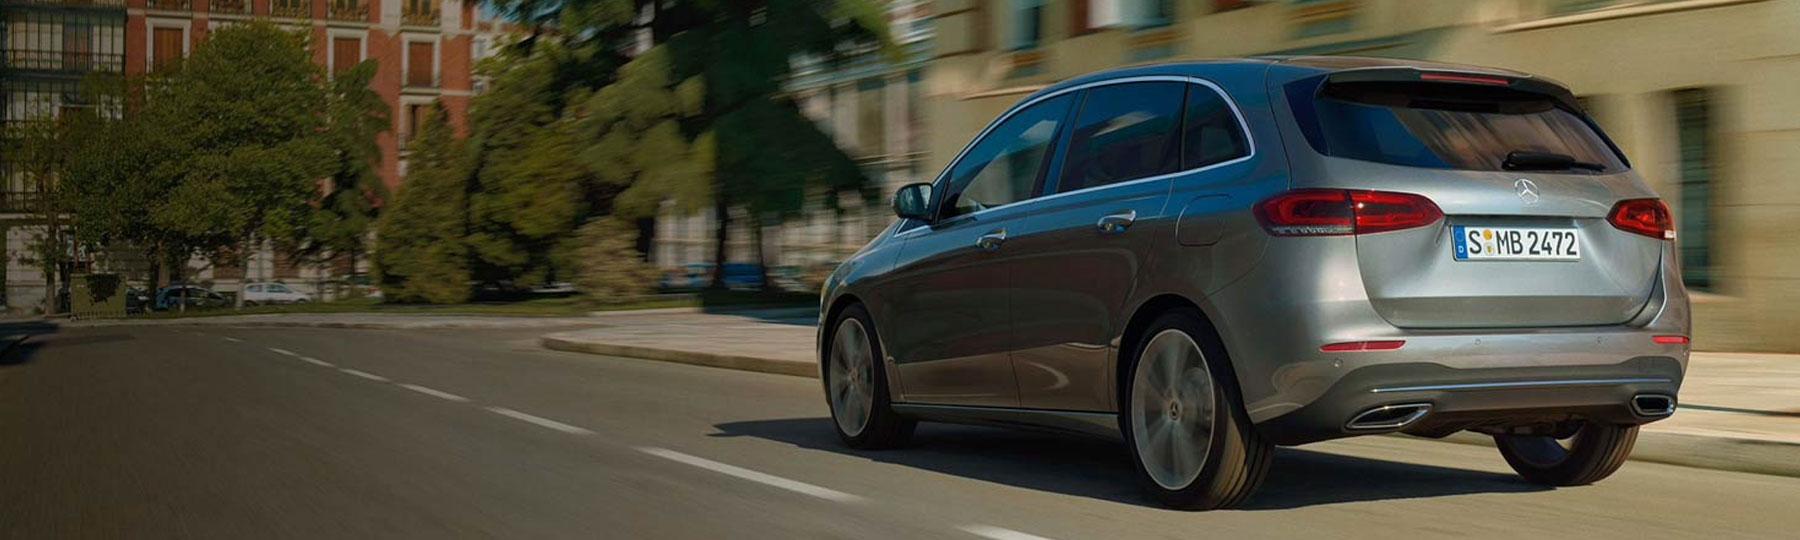 Mercedes-Benz B-class New Car Offer